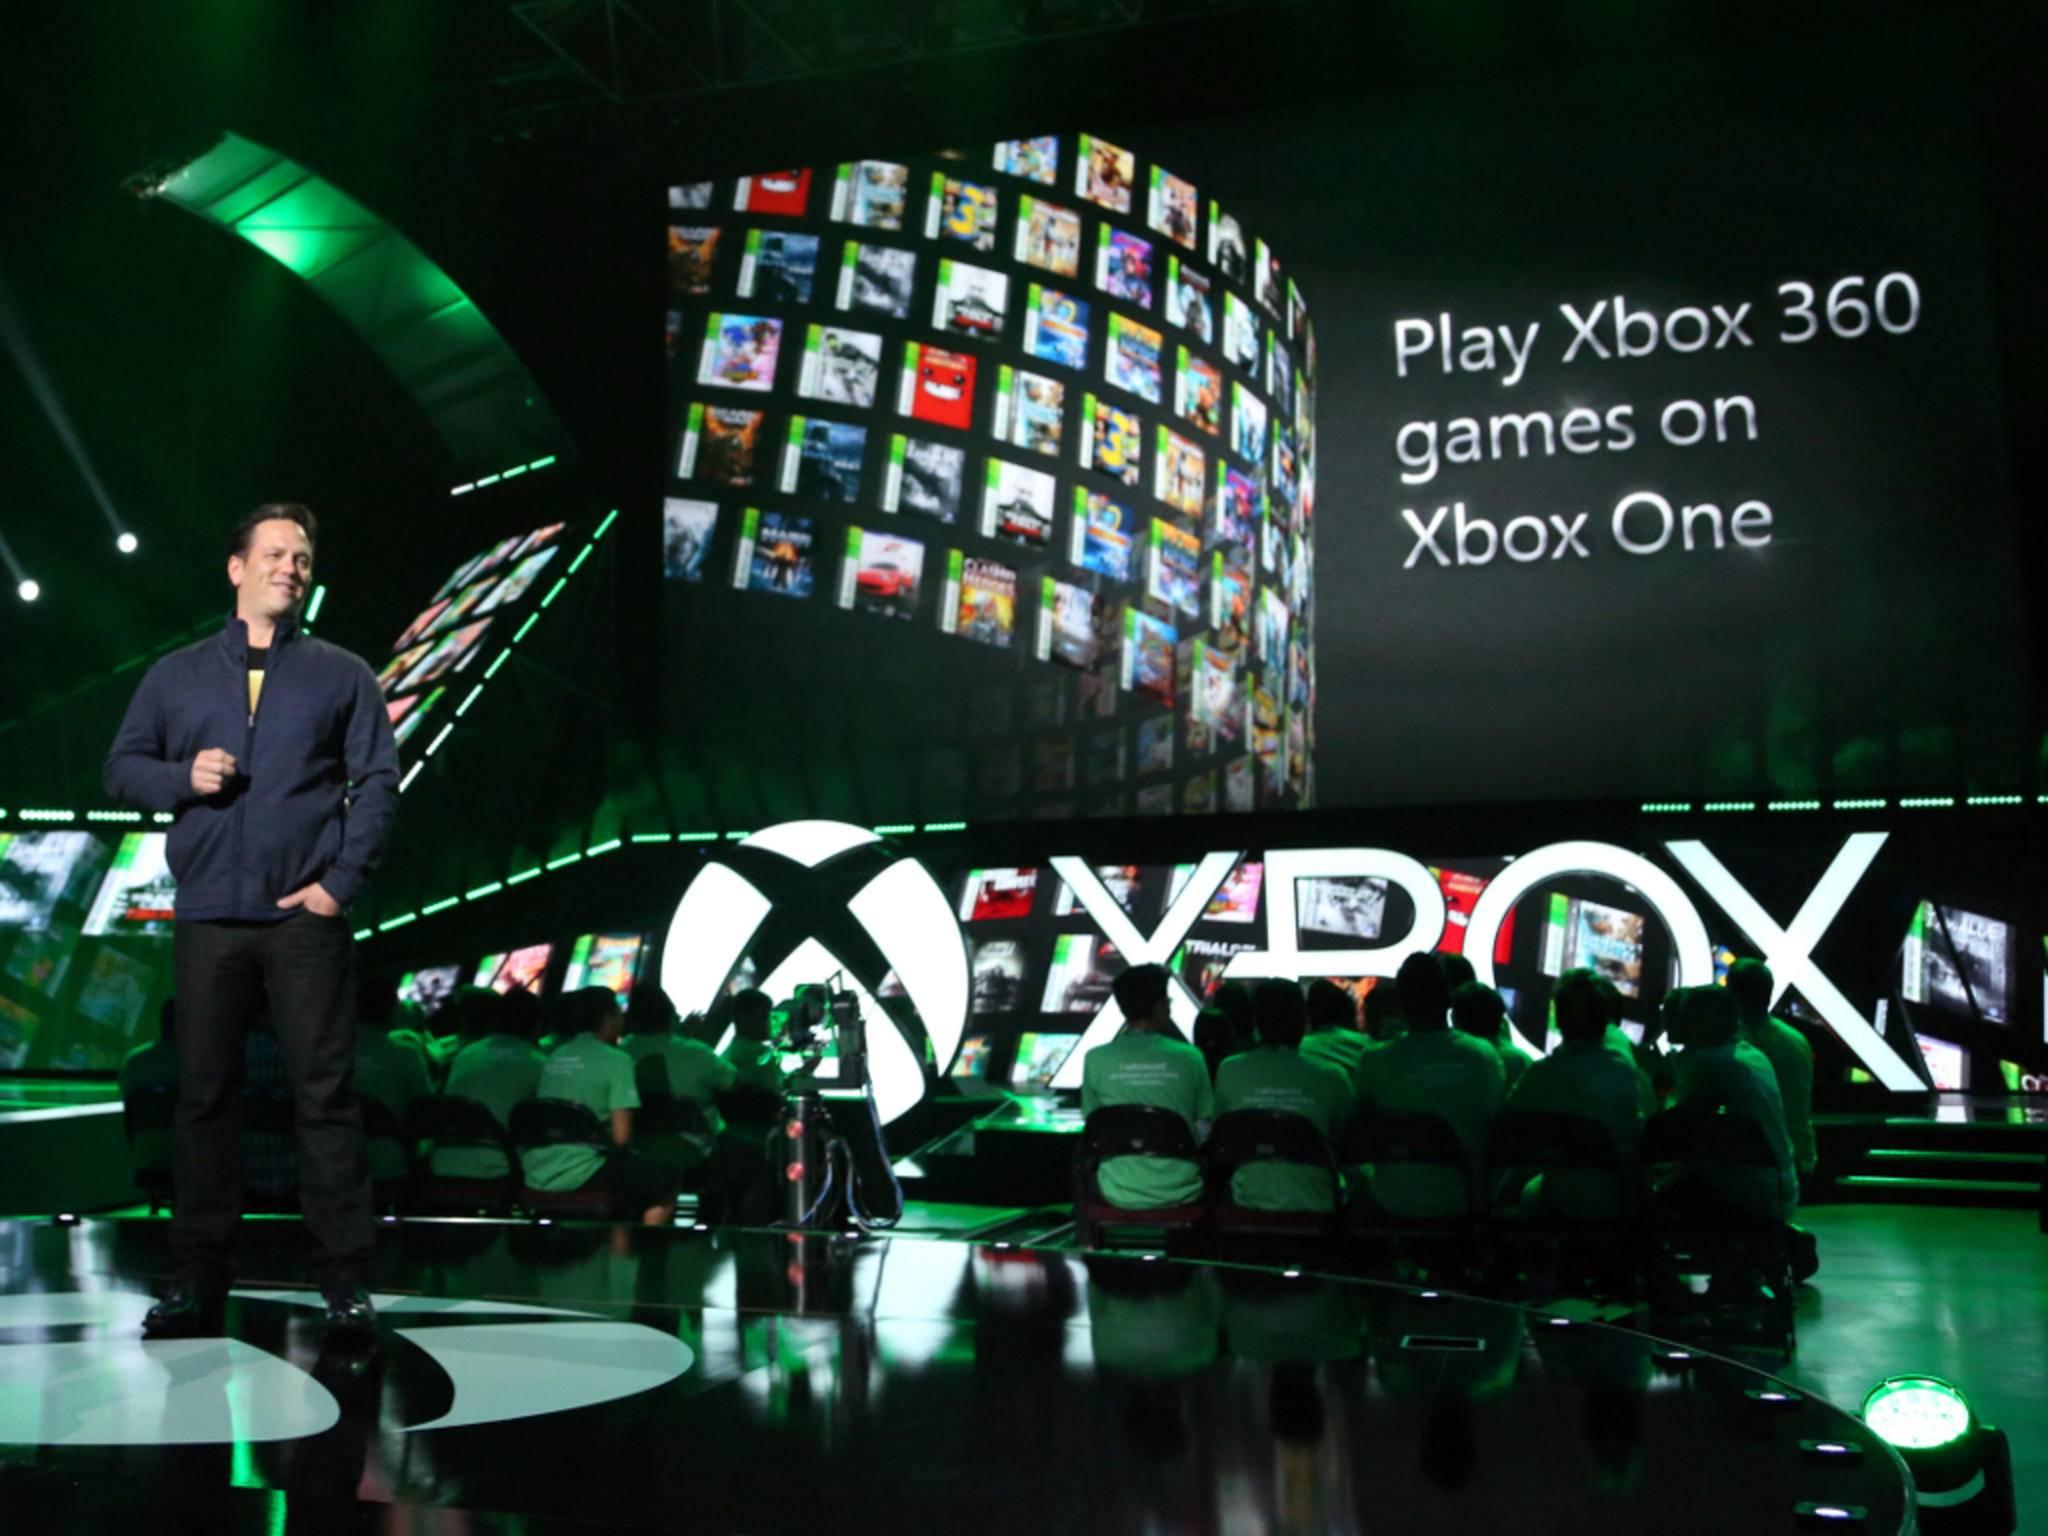 100 Spiele von der alten Xbox 360 laufen bald auch auf der Xbox One.